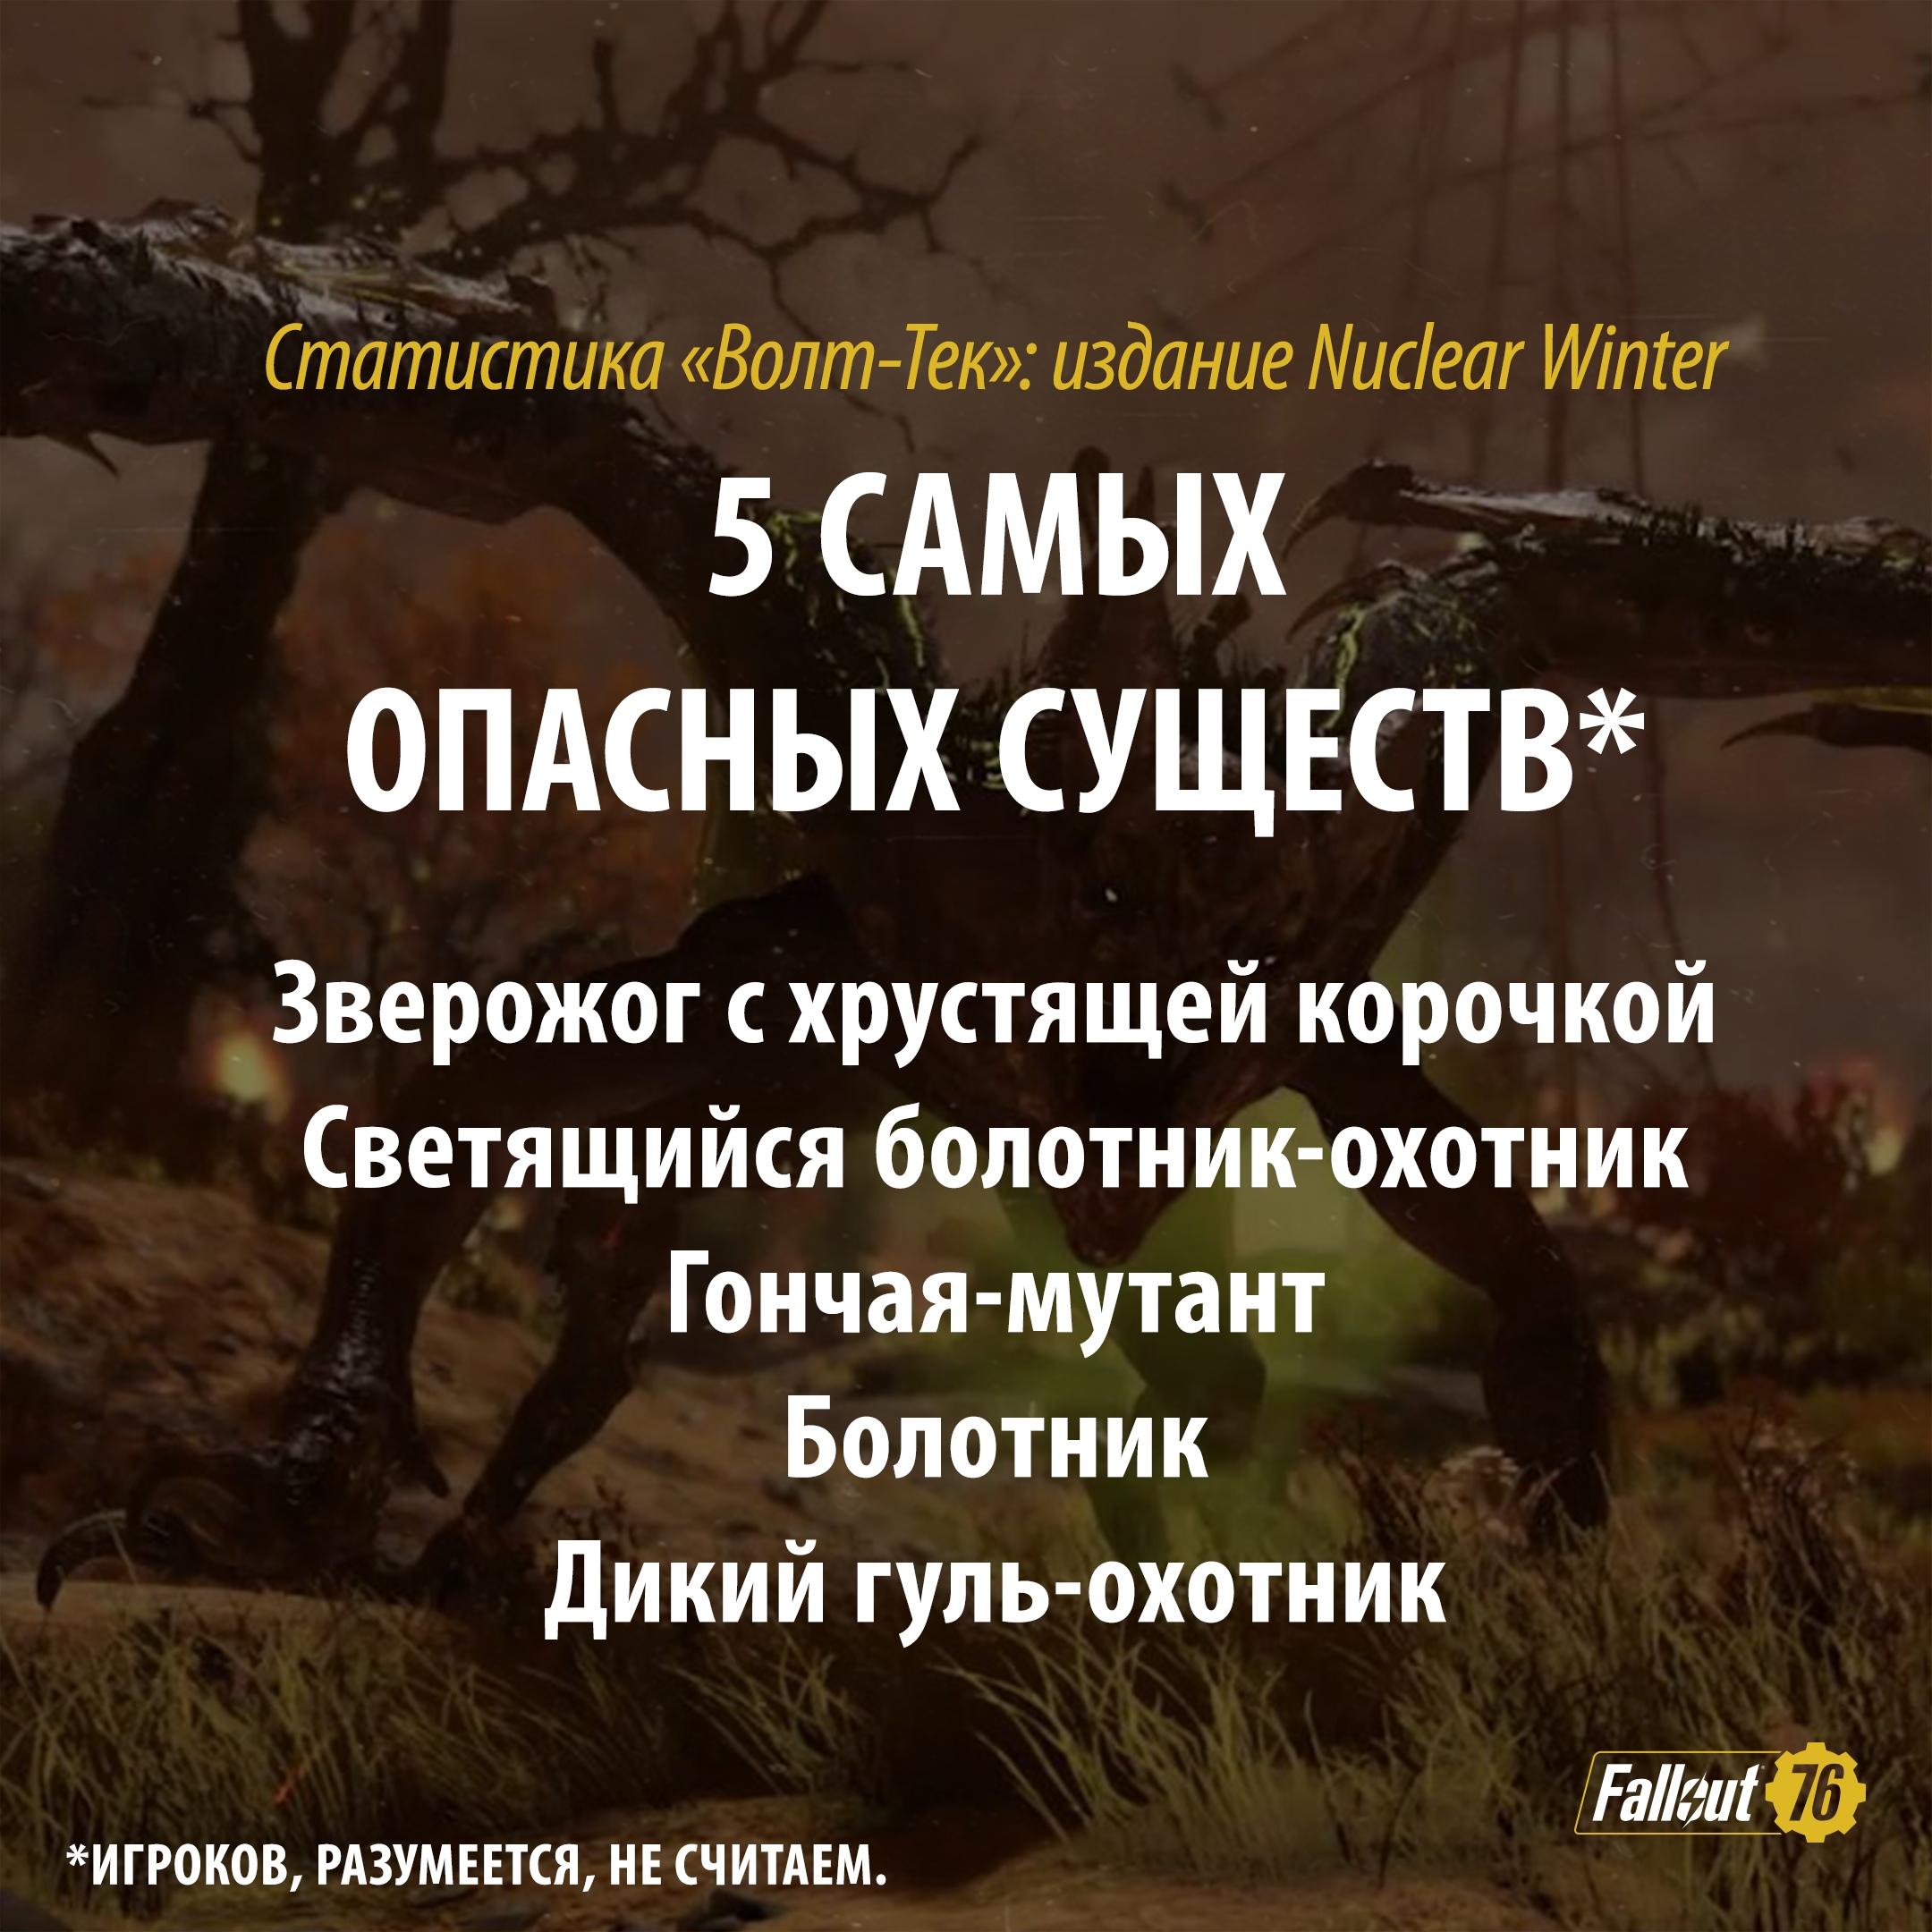 СТАТИСТИКА РЕЖИМА NUCLEAR WINTER